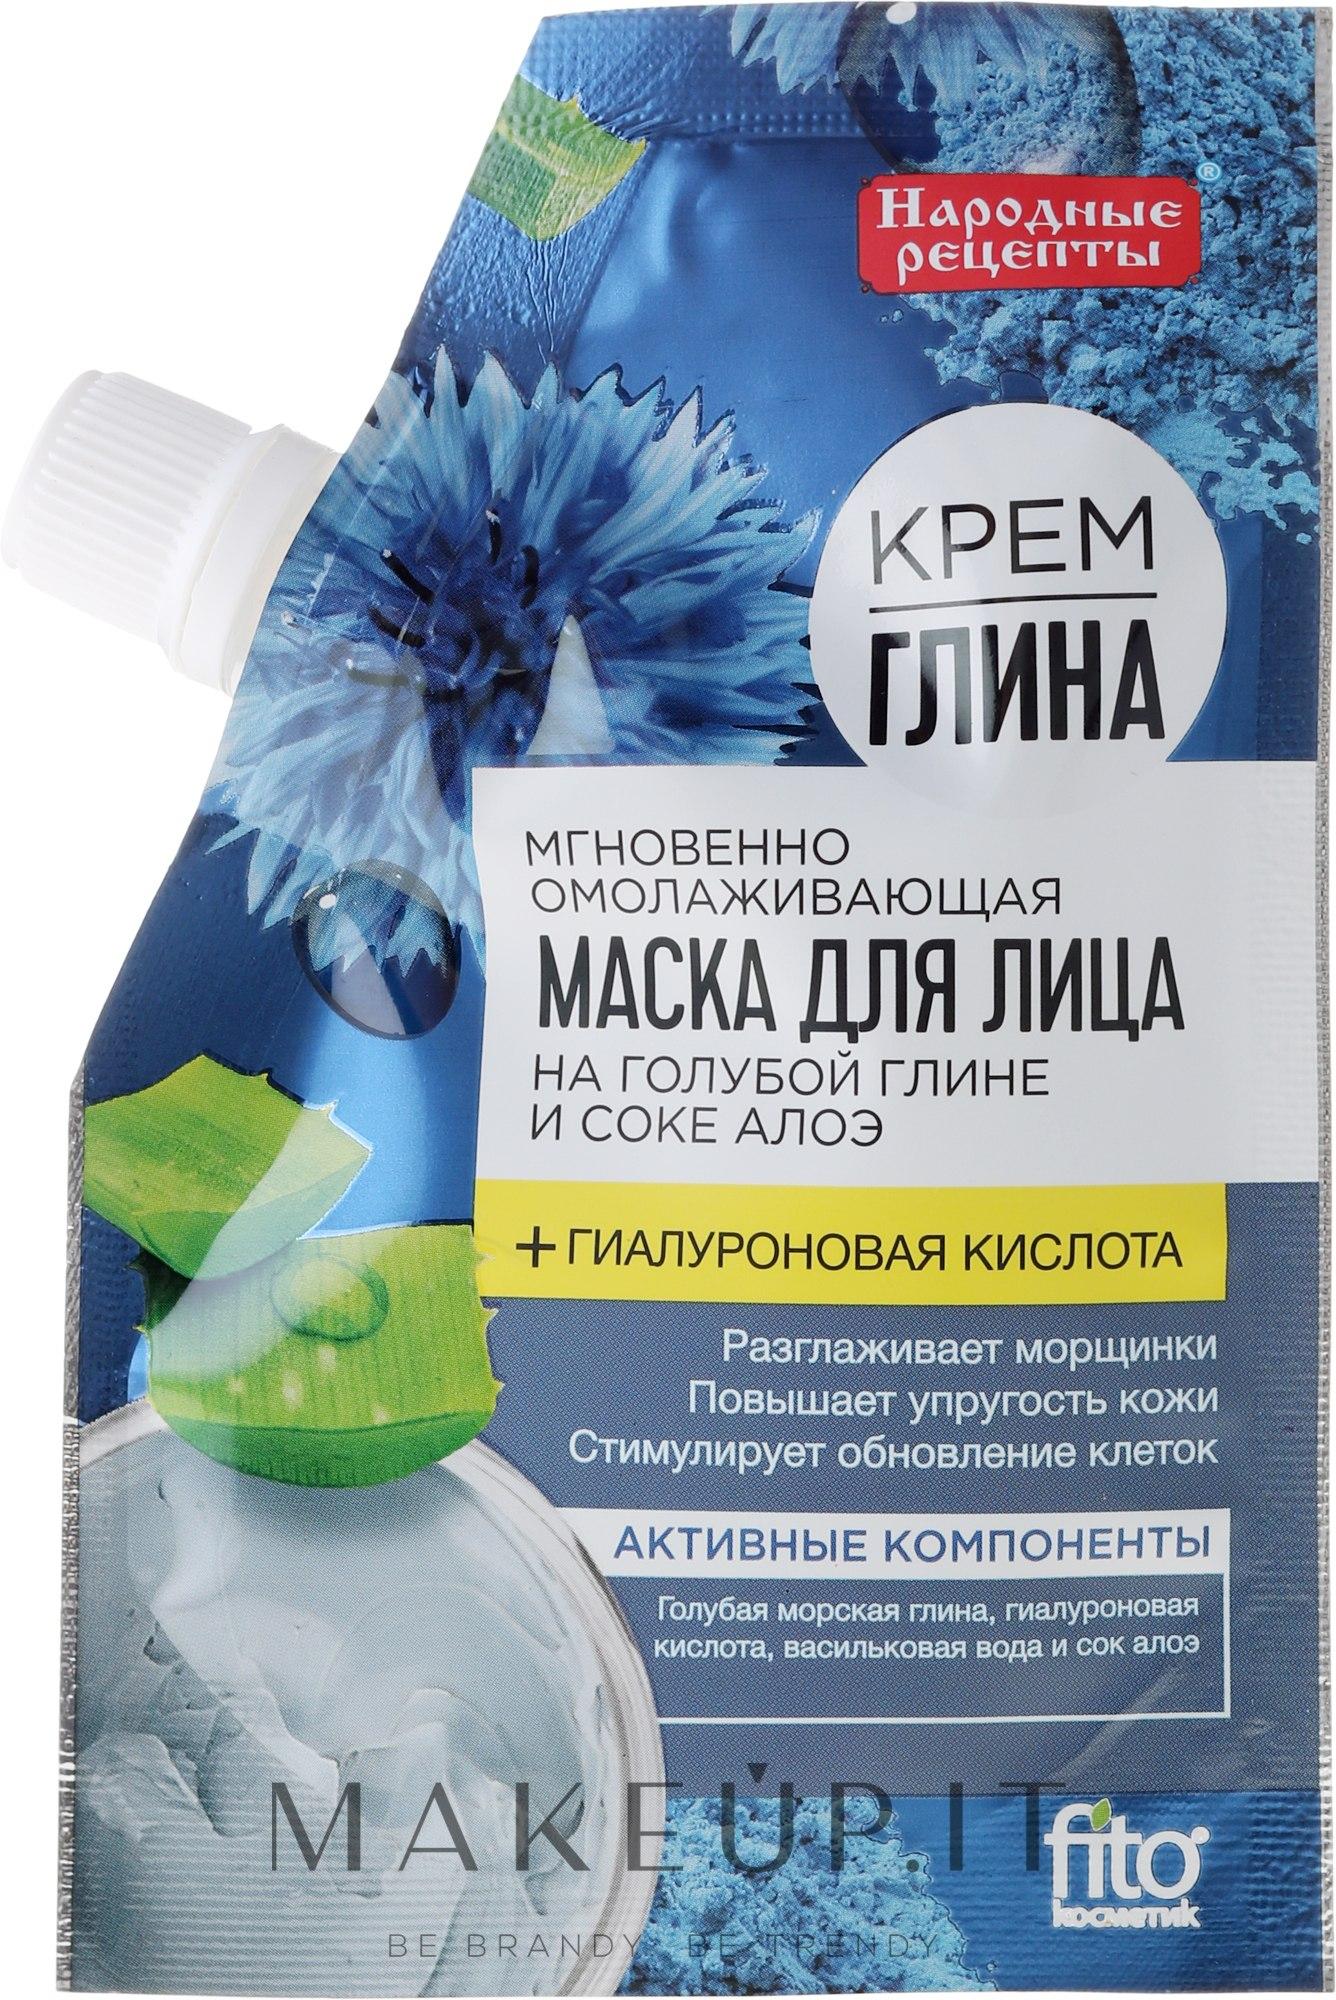 Maschera istantaneamente rigenerante viso - Fito Cosmetica Ricette popolari — foto 50 g